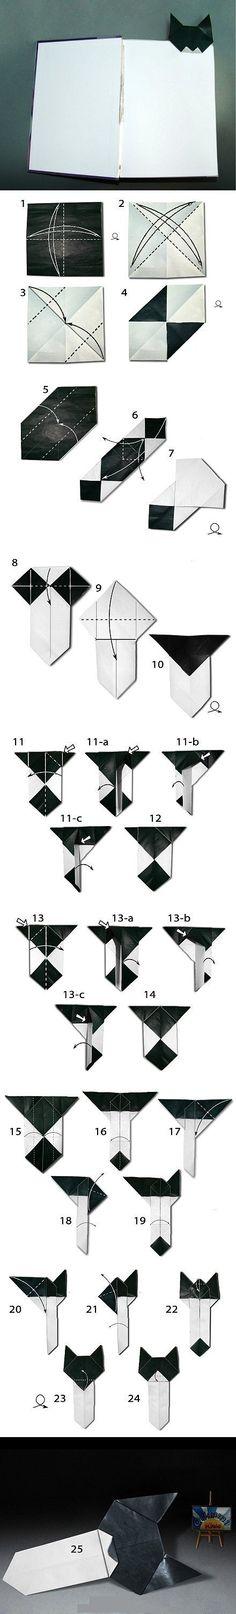 手工DIY 手工DIY折纸 折纸 剪纸 嘀咕图片